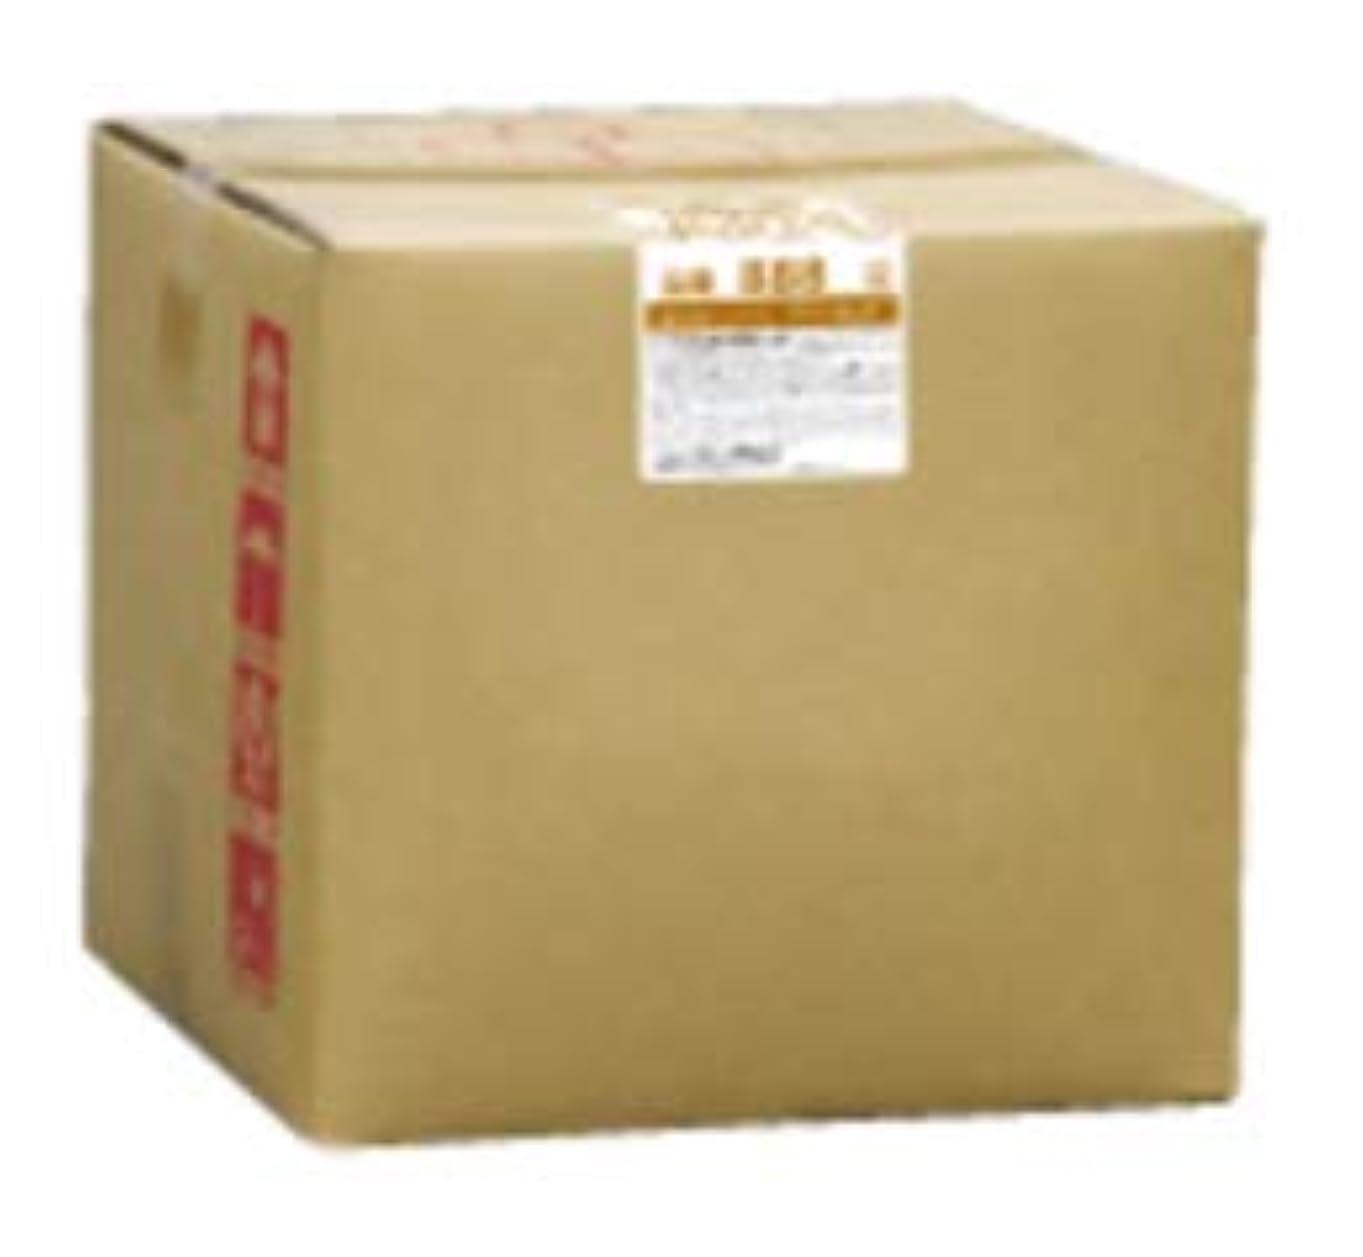 トランスペアレント平均地元フタバ化学 スパジアス ボディソープ 18L 詰め替え 800ml専用空容器付 黒糖と蜂蜜